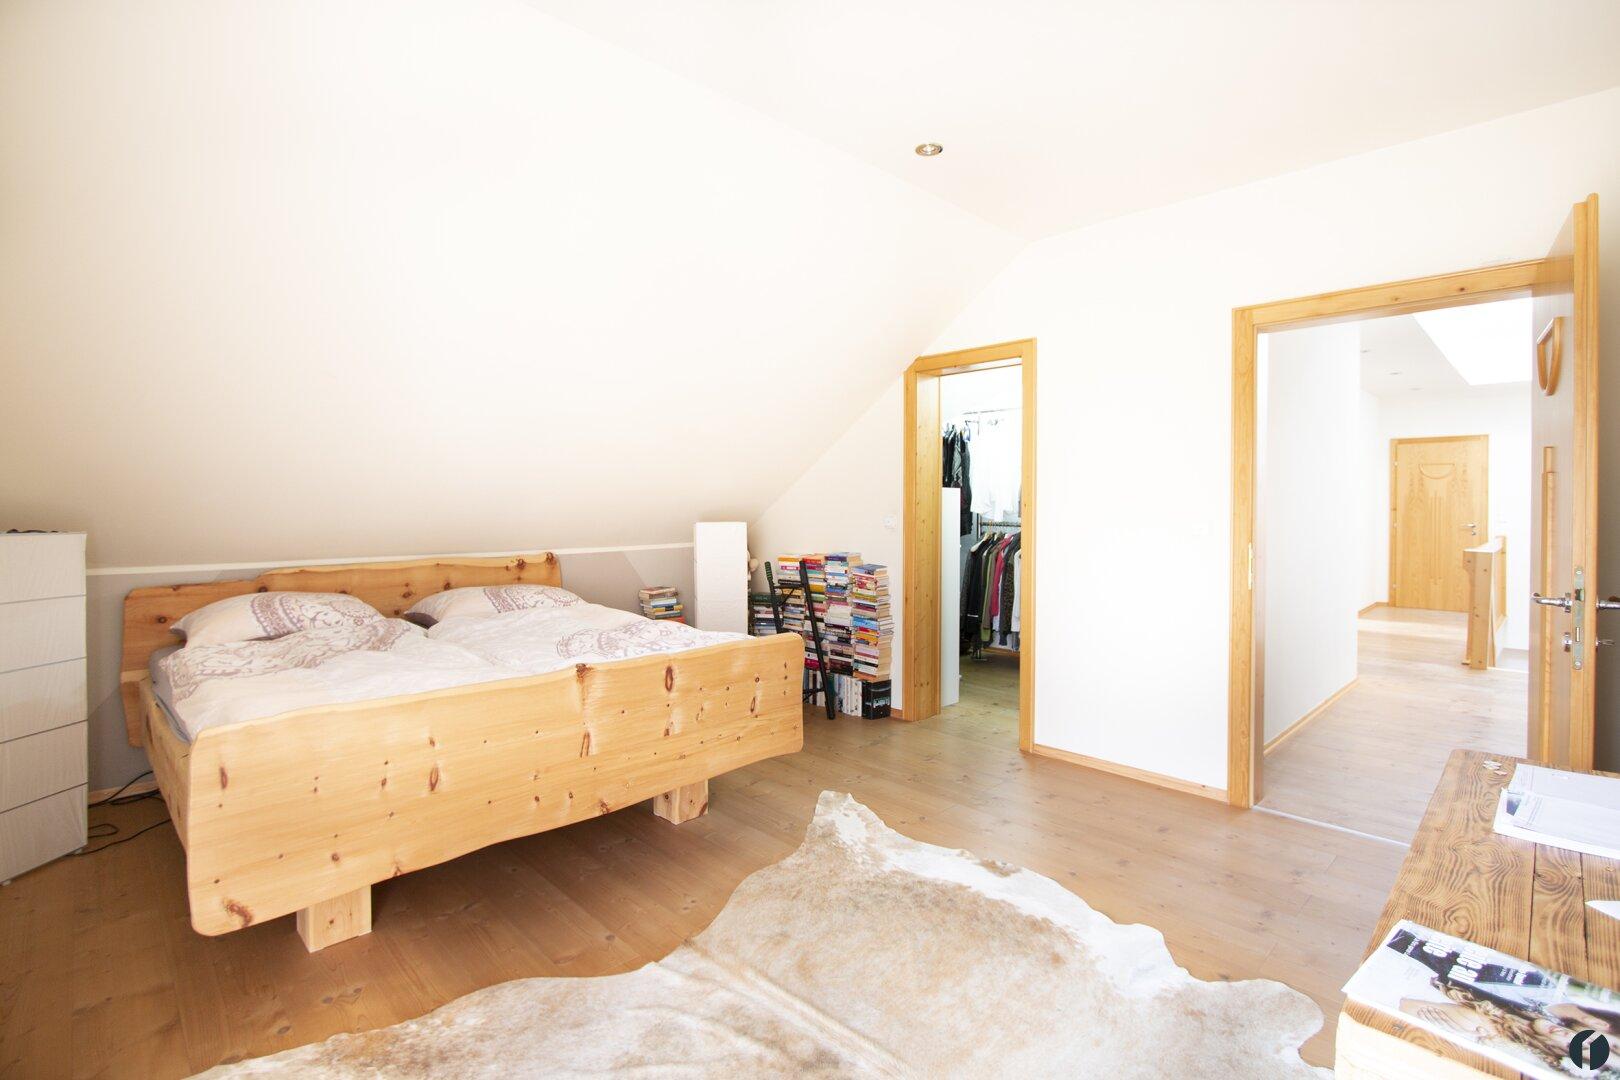 Schlafzimmer mit angeschlossenem Schrankraum